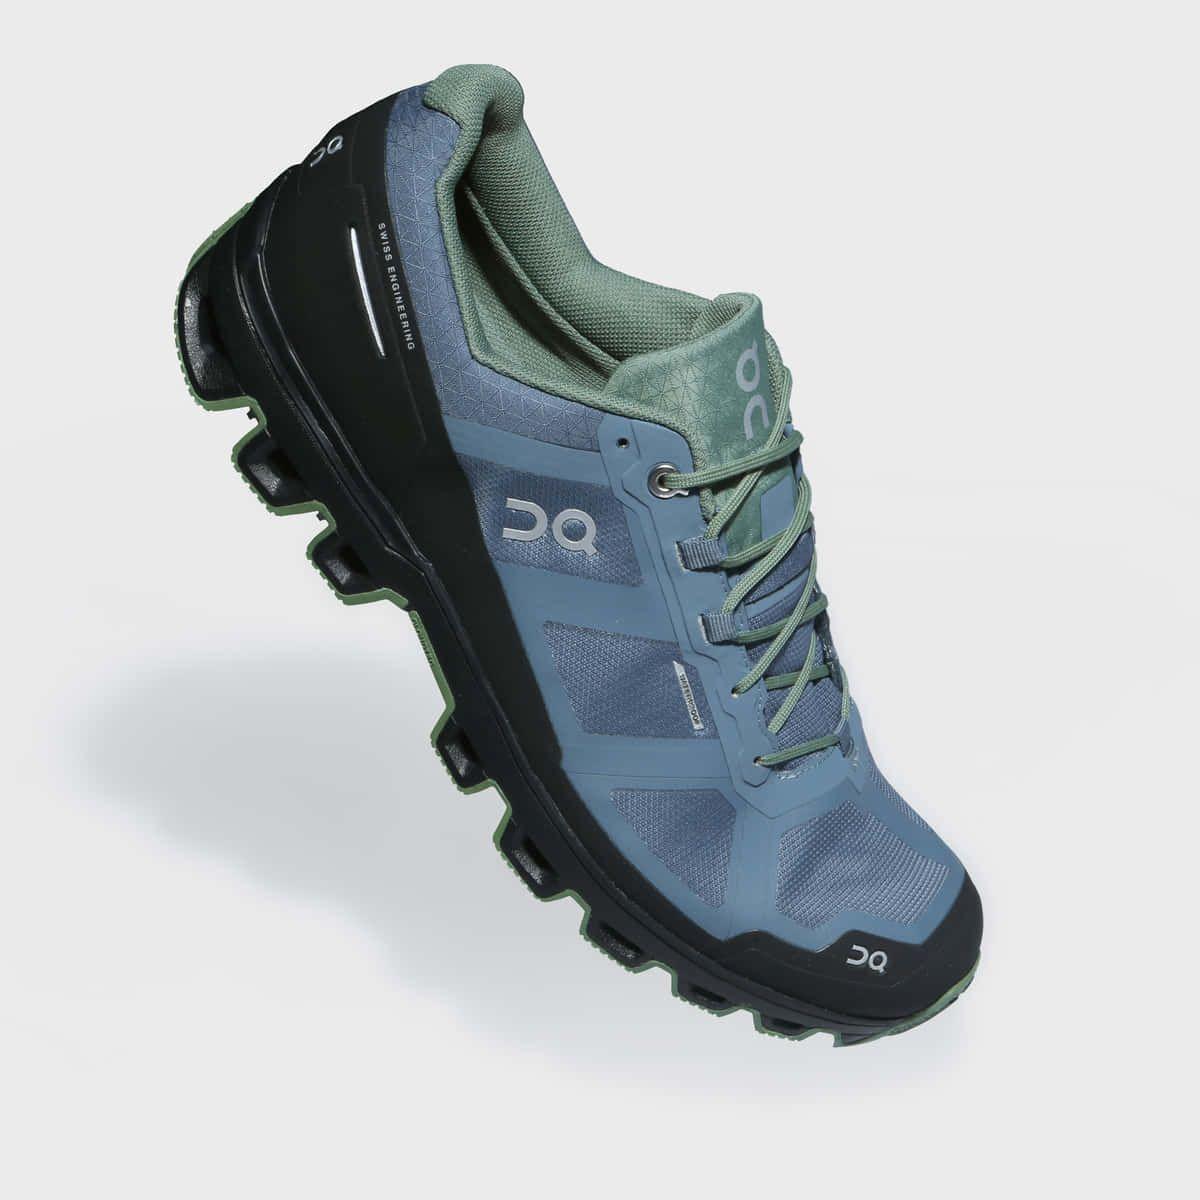 On Cloud Men S Waterproof Running Shoe Forest Lunar In 2020 Waterproof Running Shoes Shoes Running Shoes